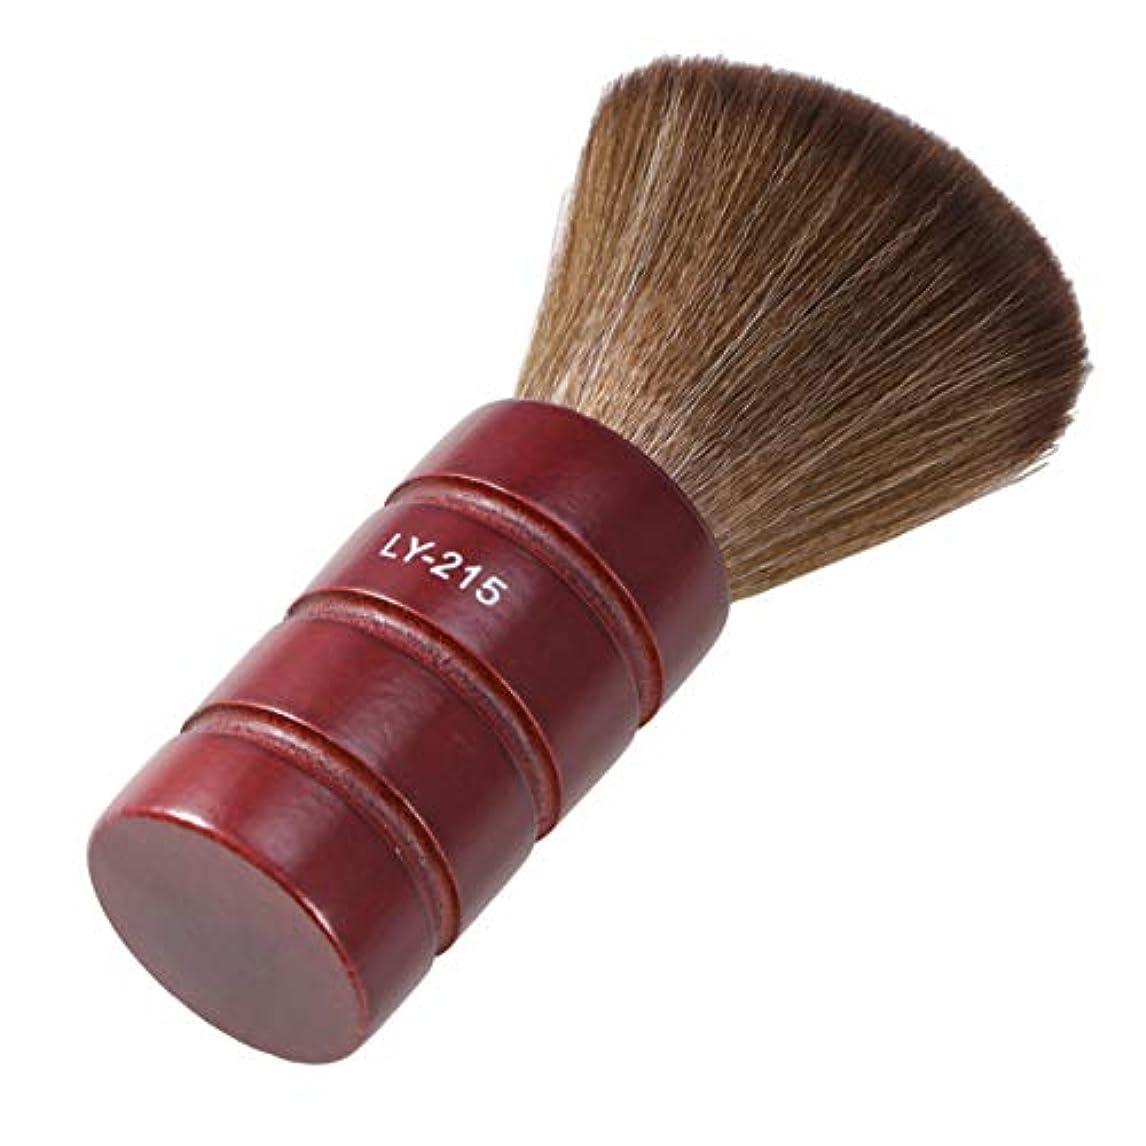 彼らのもの薬理学キリマンジャロLurroseプロフェッショナルヘアカットブラシソフトファイバーフェイスネックダスターブラシ理髪サロン理容ツール